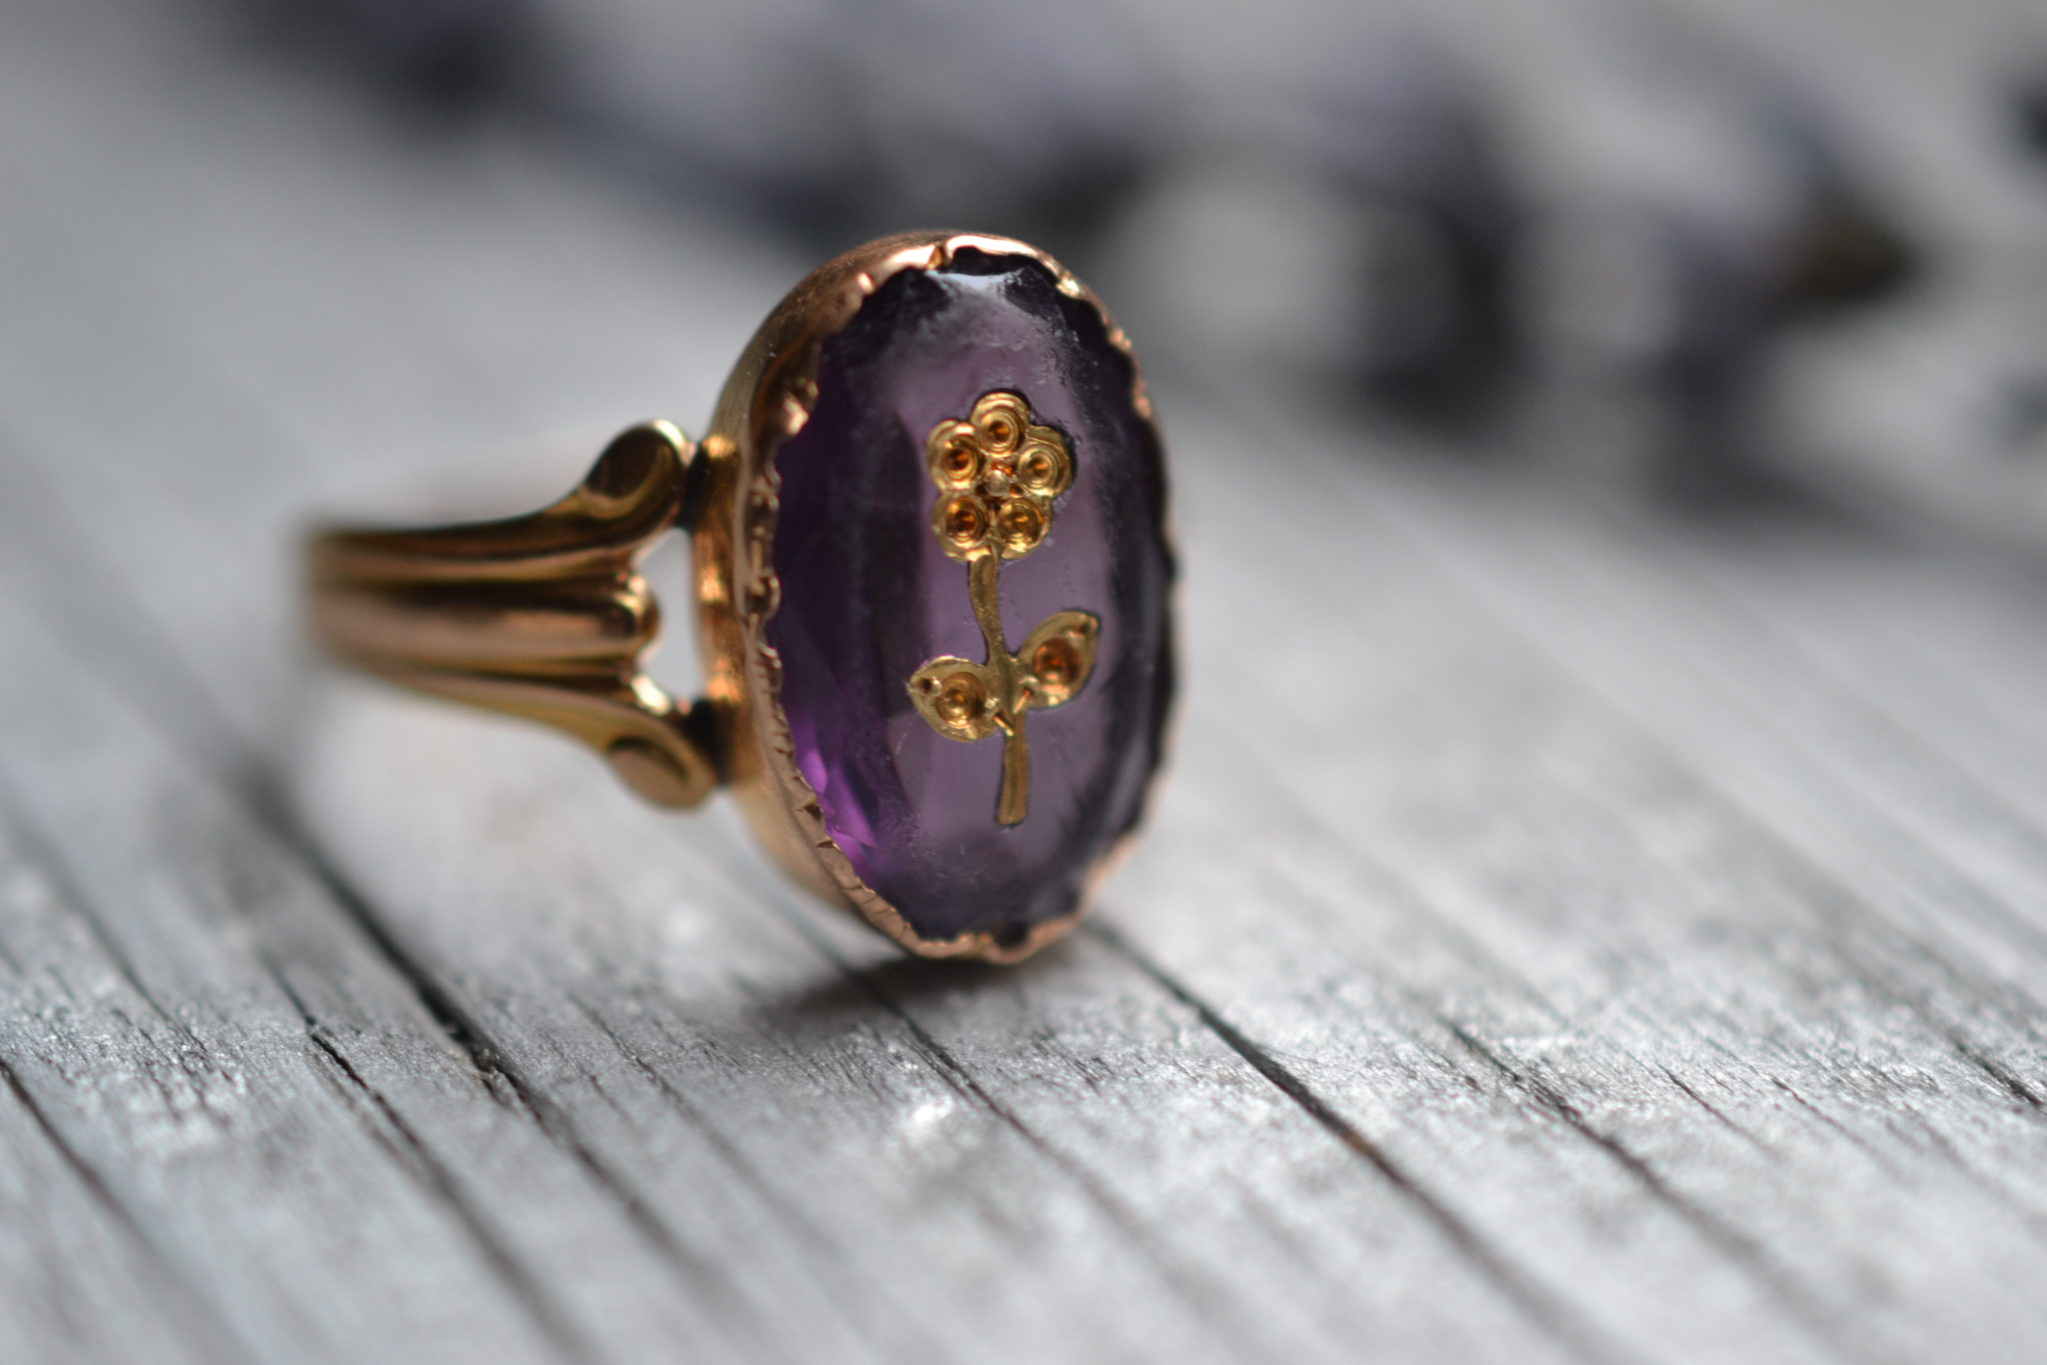 Bague vintage en or jaune 18 carats (750/1000), sertie d'une pierre violette et gravée d'une fleur - un bijou Noircarat.fr